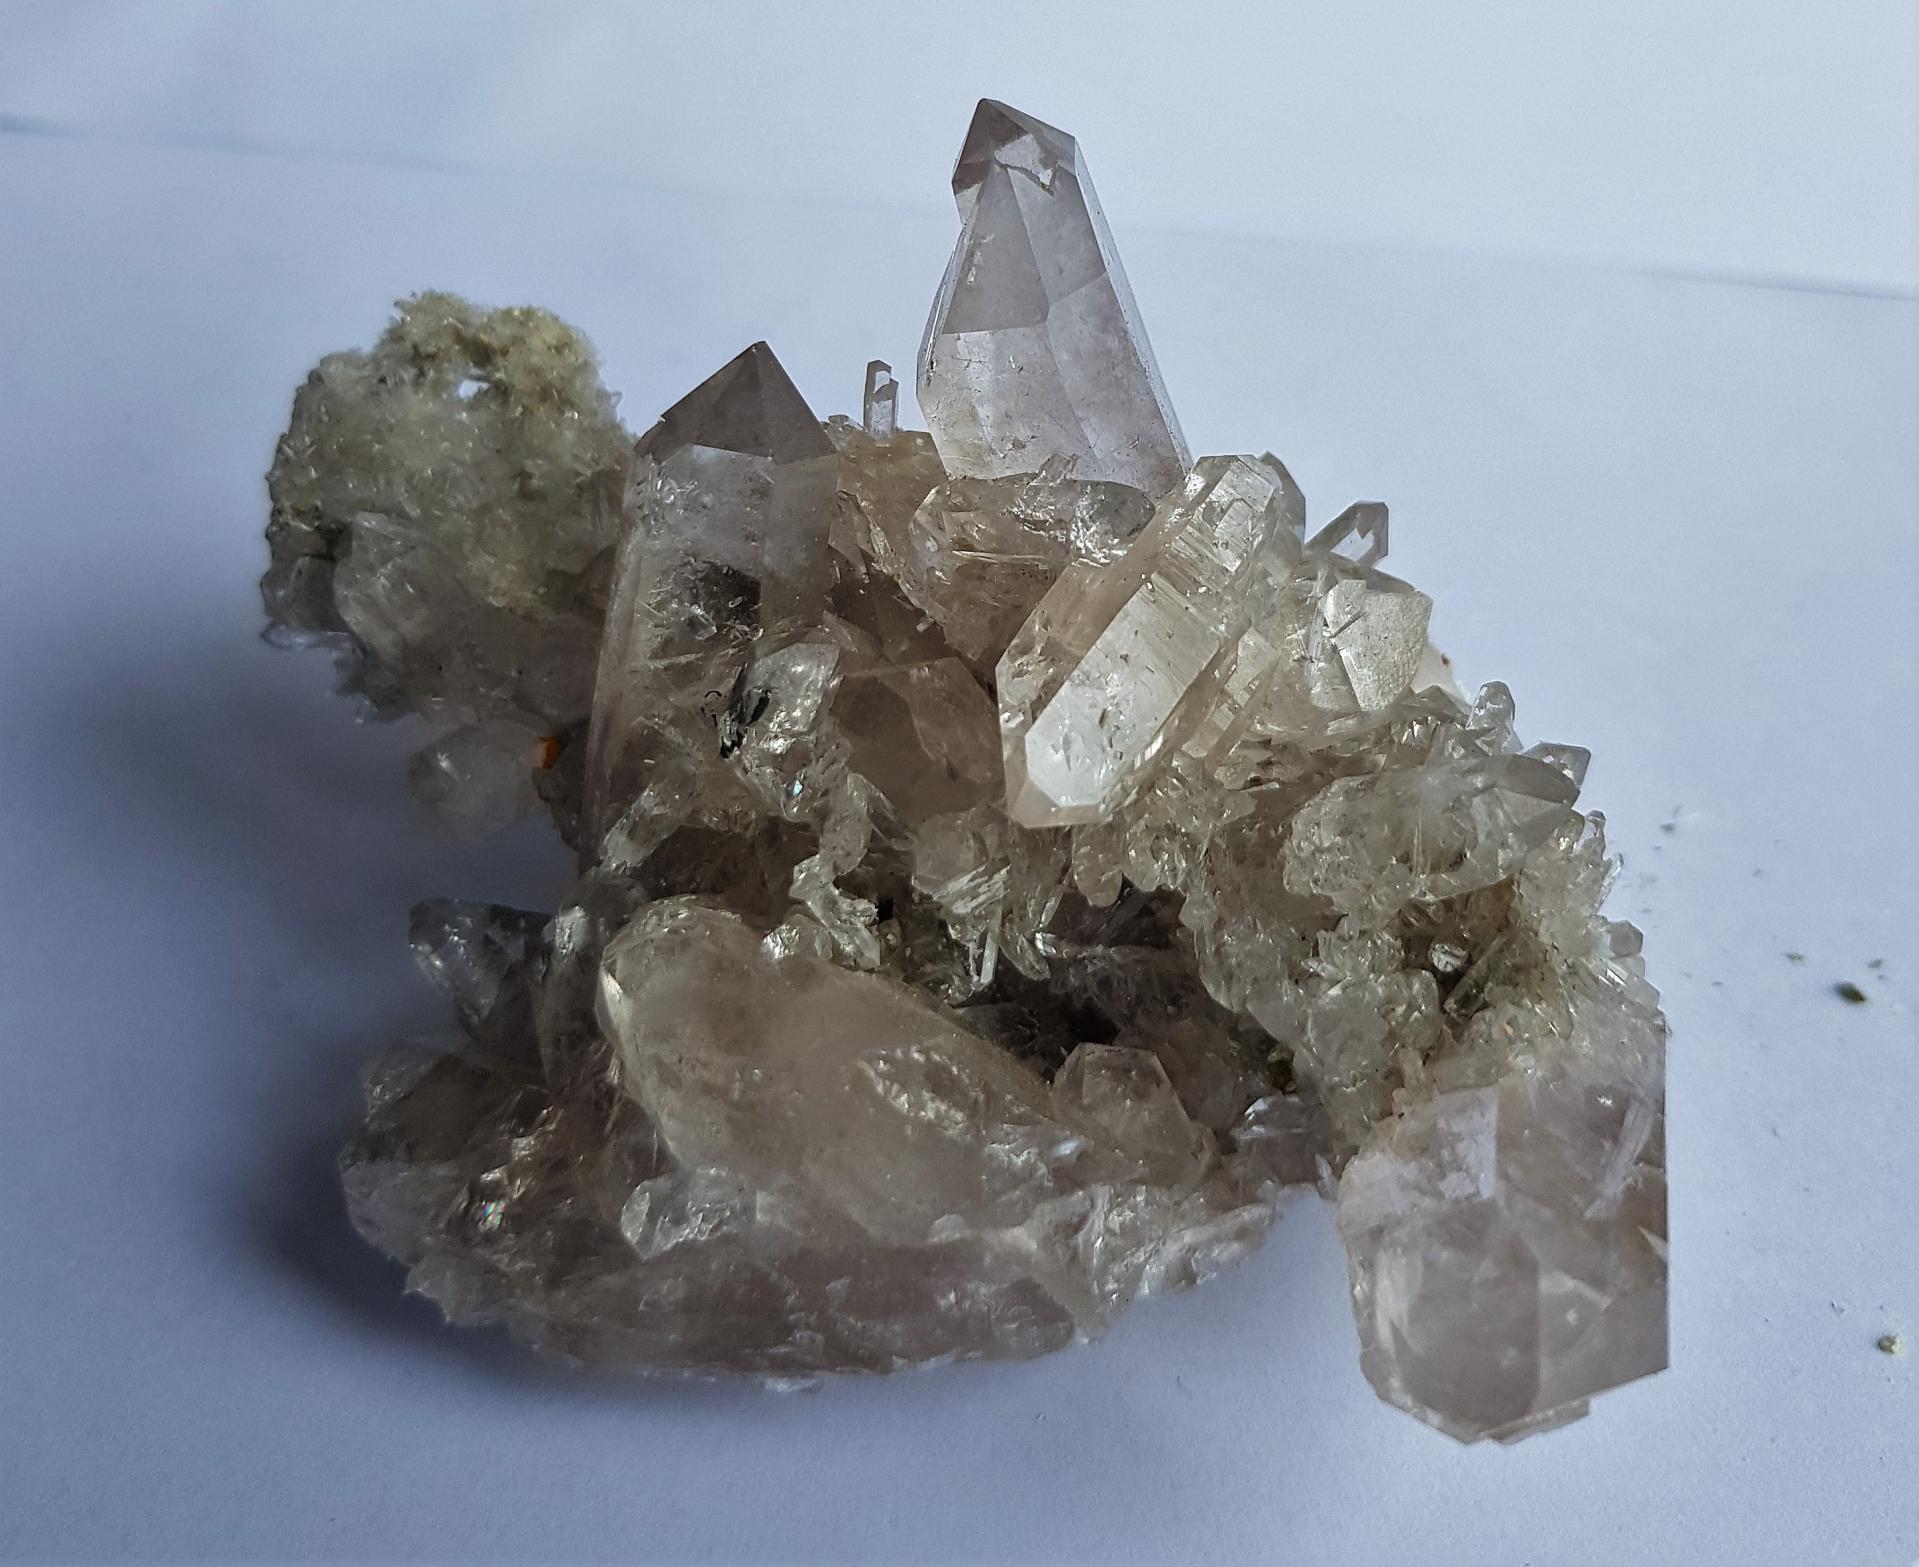 Cristal de roche vaujanie 16